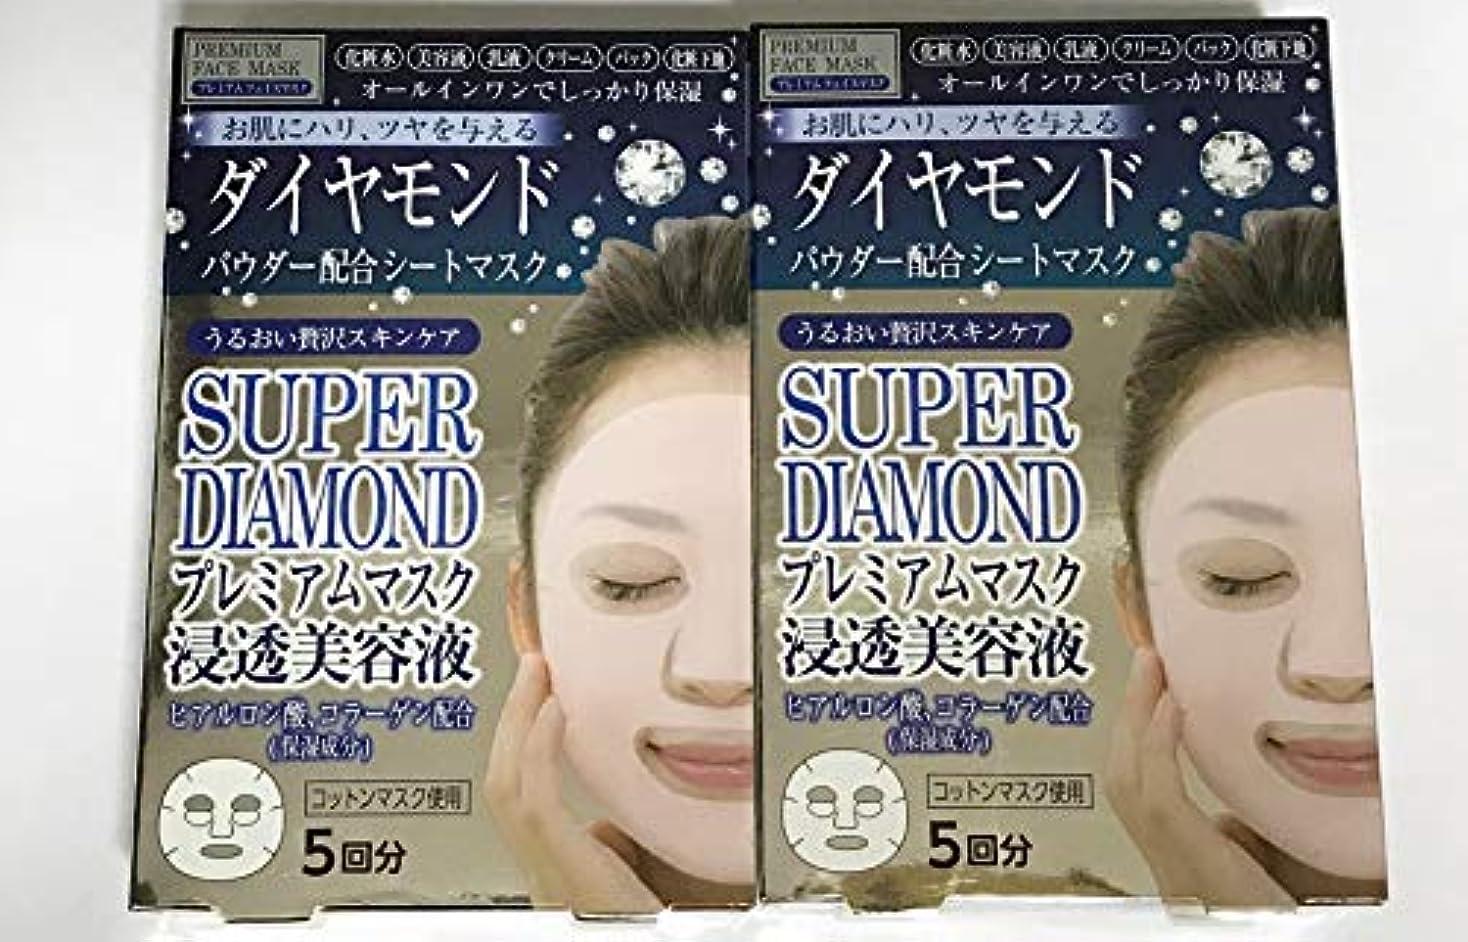 ホース連想現在【2箱セット】〈日本製〉スーパーダイヤモンド プレミアムマスク 浸透美容液 ? 2箱 (★???????????????のおまけ付)